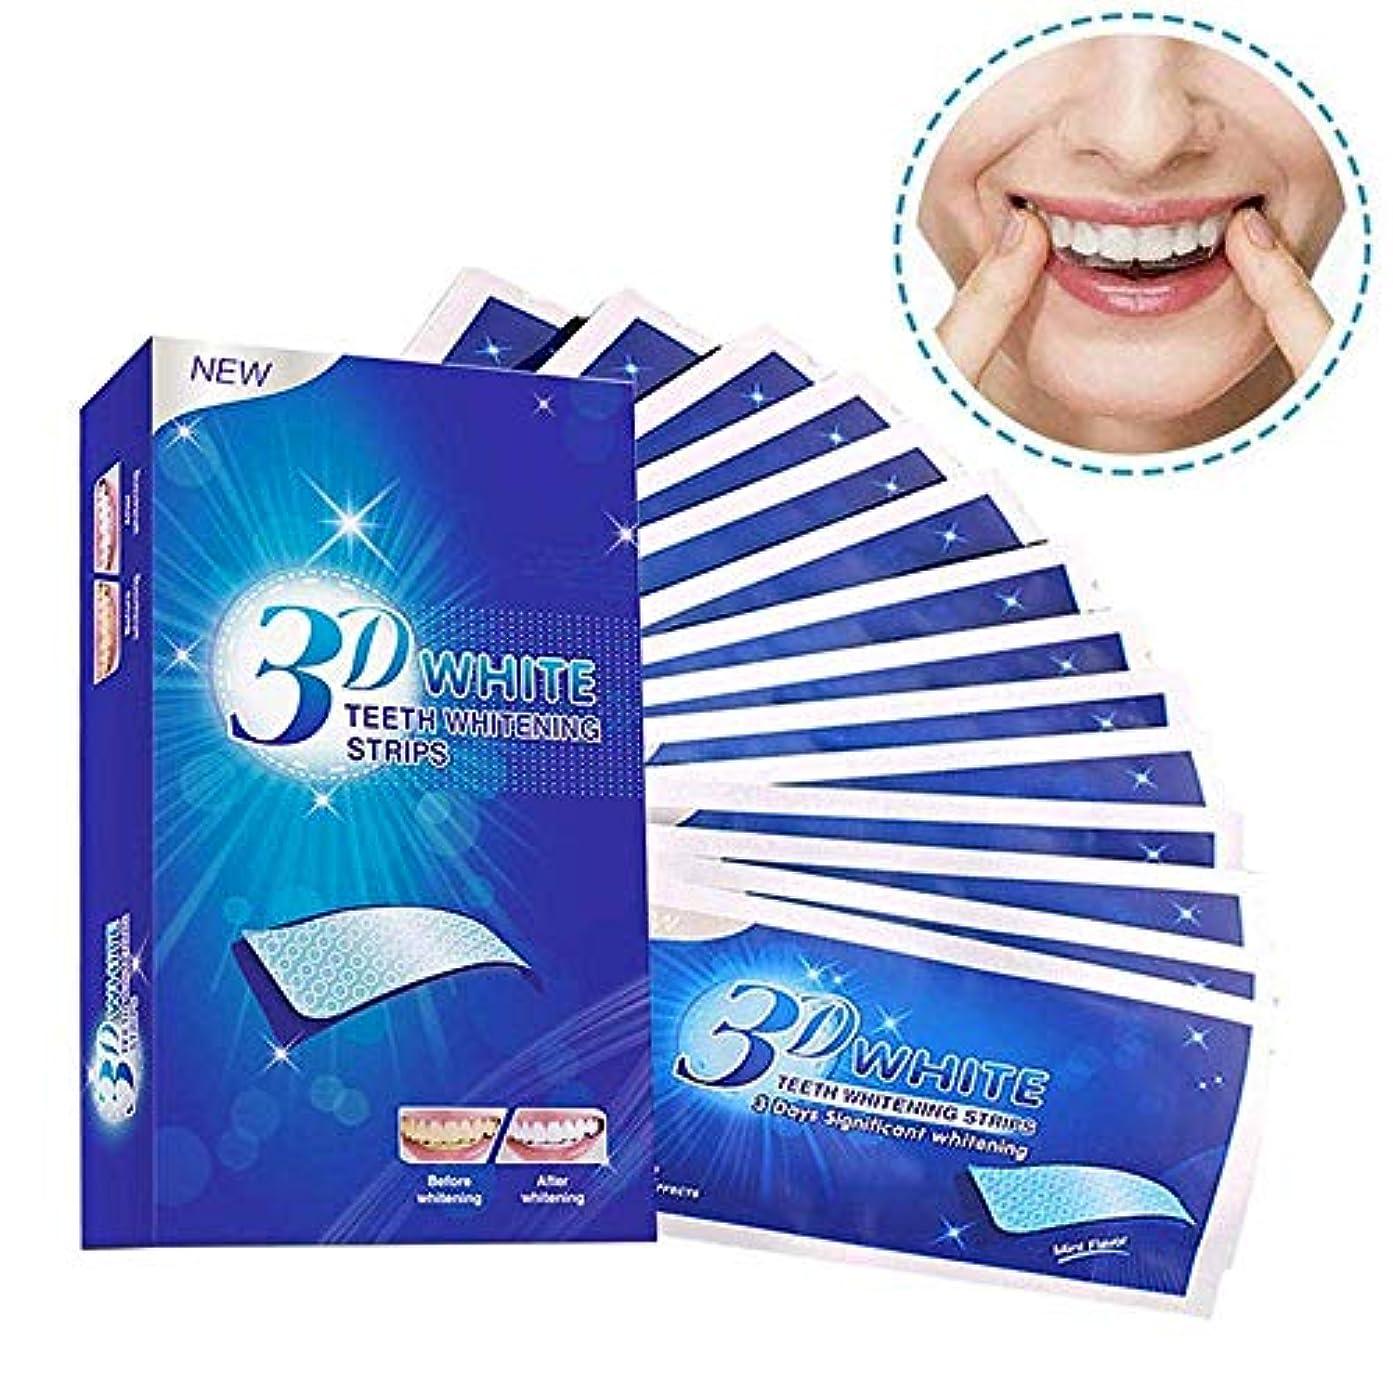 凝縮する有効化衝突歯 美白 ホワイトニング マニキュア 歯ケア 歯のホワイトニング 美白歯磨き 歯を白 ホワイトニングテープ 歯を漂白 7セット/14枚 (7セット/14枚)